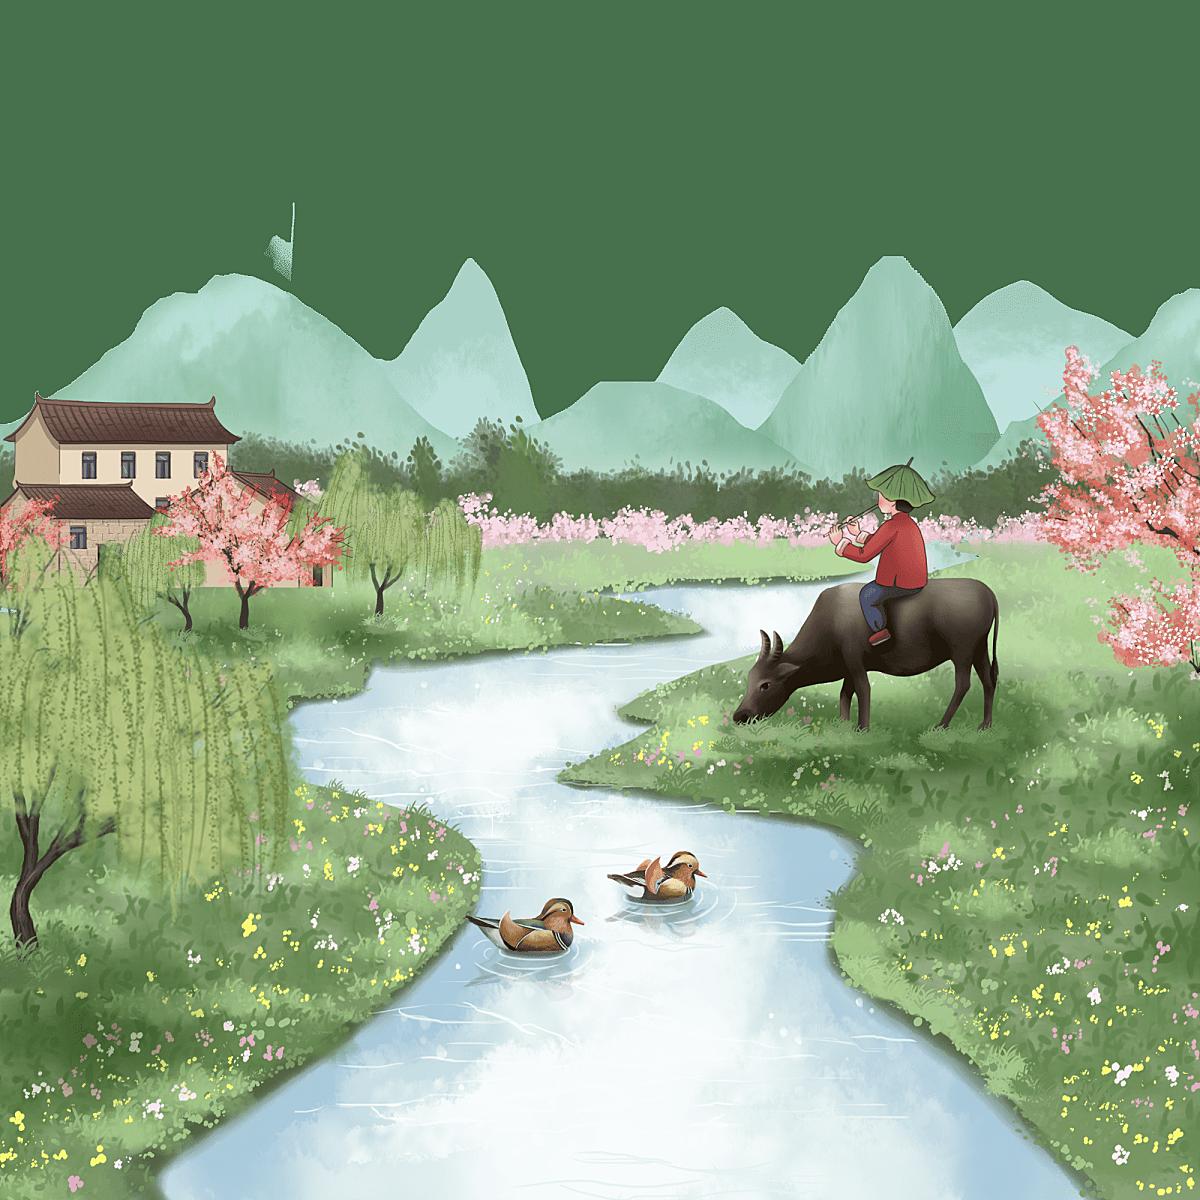 中国风-小桥流水场景